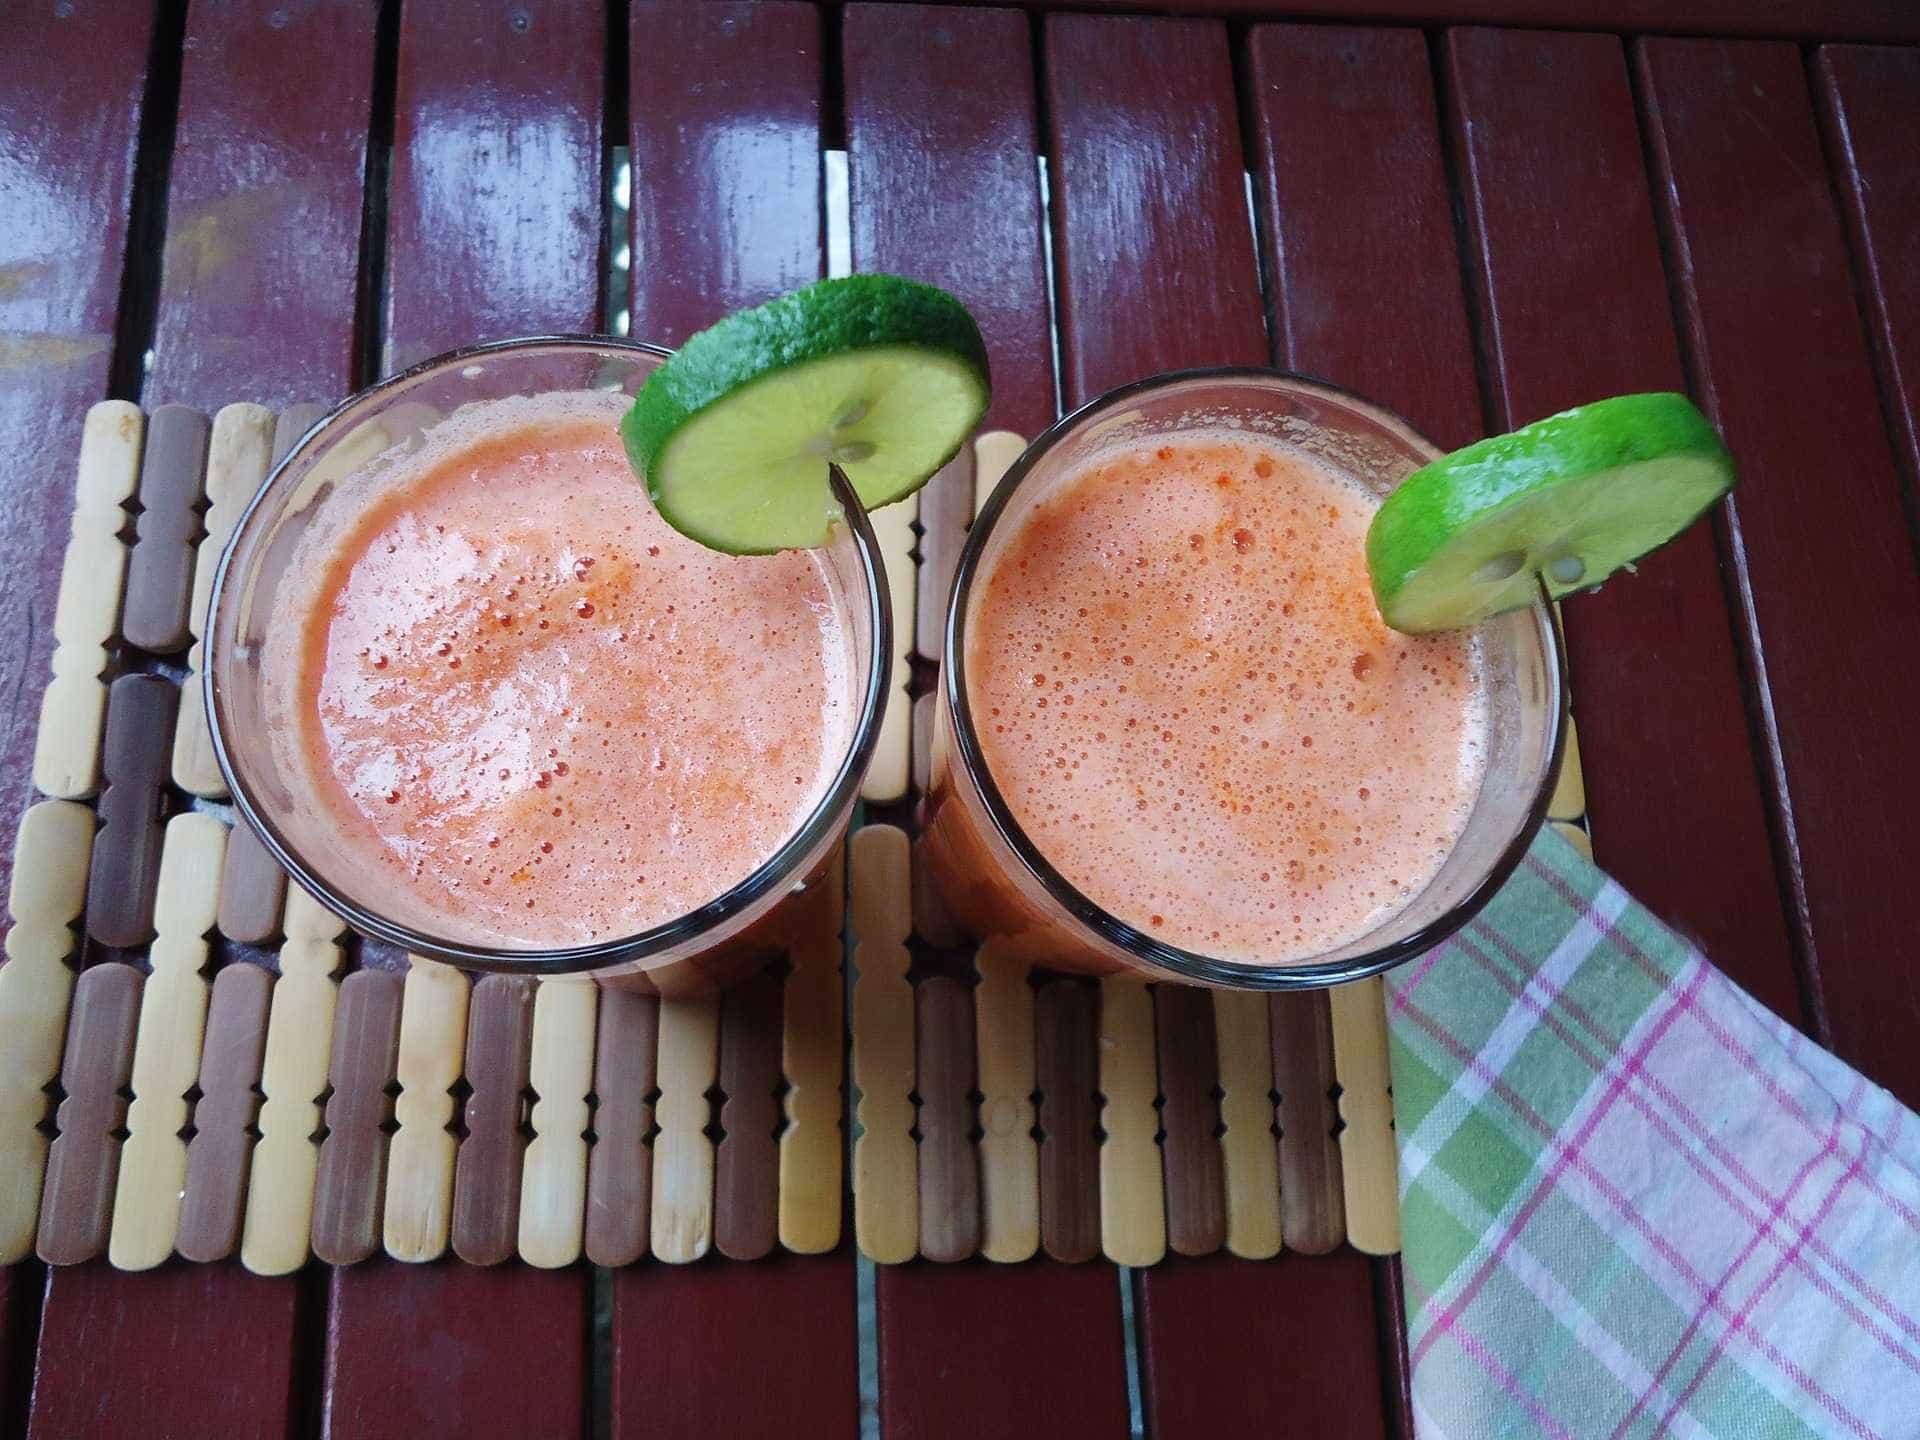 Receita: caipirinha com tomate, um drink criativo e saboroso